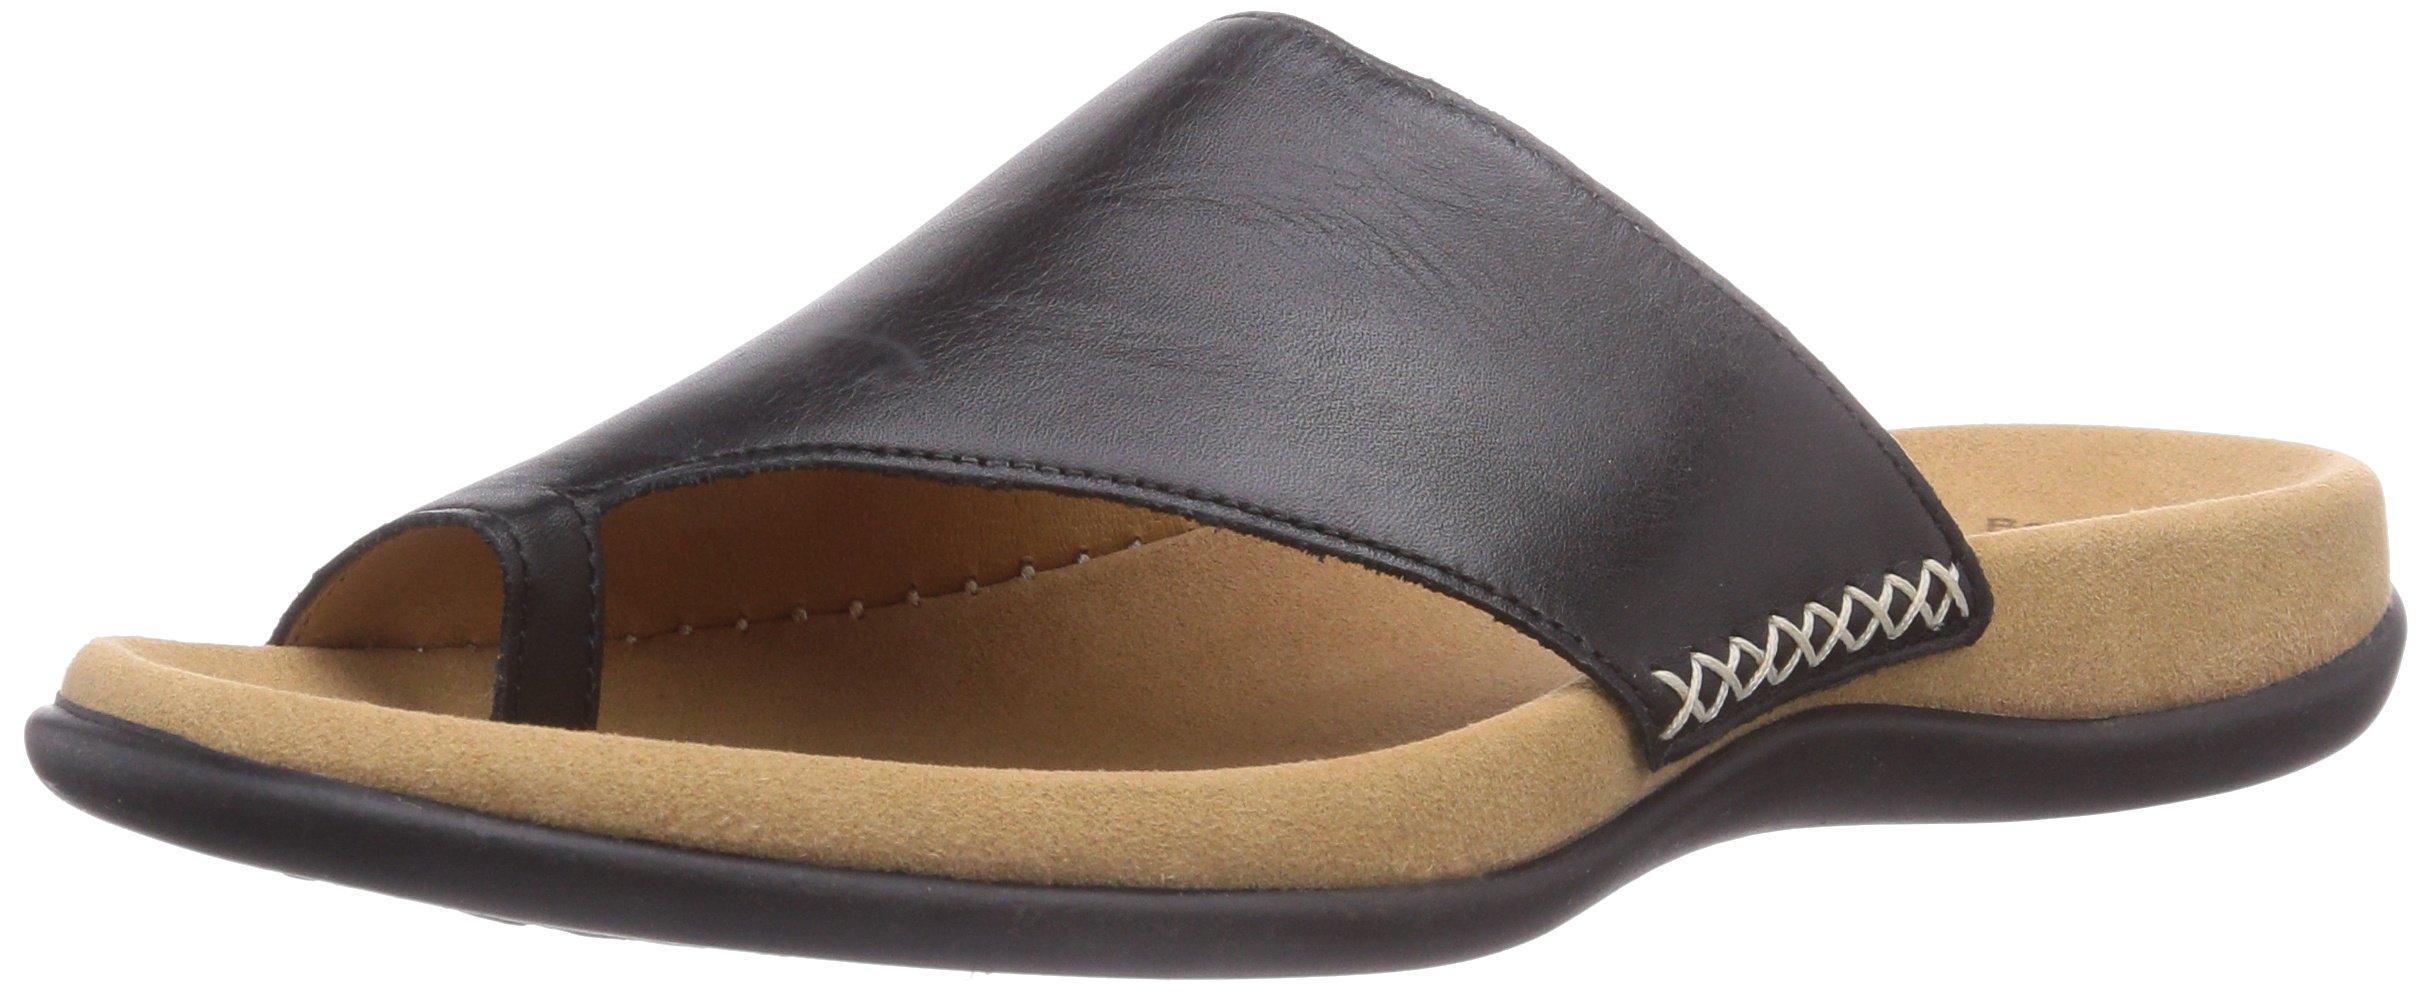 Symbol Der Marke Afs Schuhe Schlappen Pantolette Blau Verstellbare Schnallen Glattleder Gr.46 Sandalen Herrenschuhe